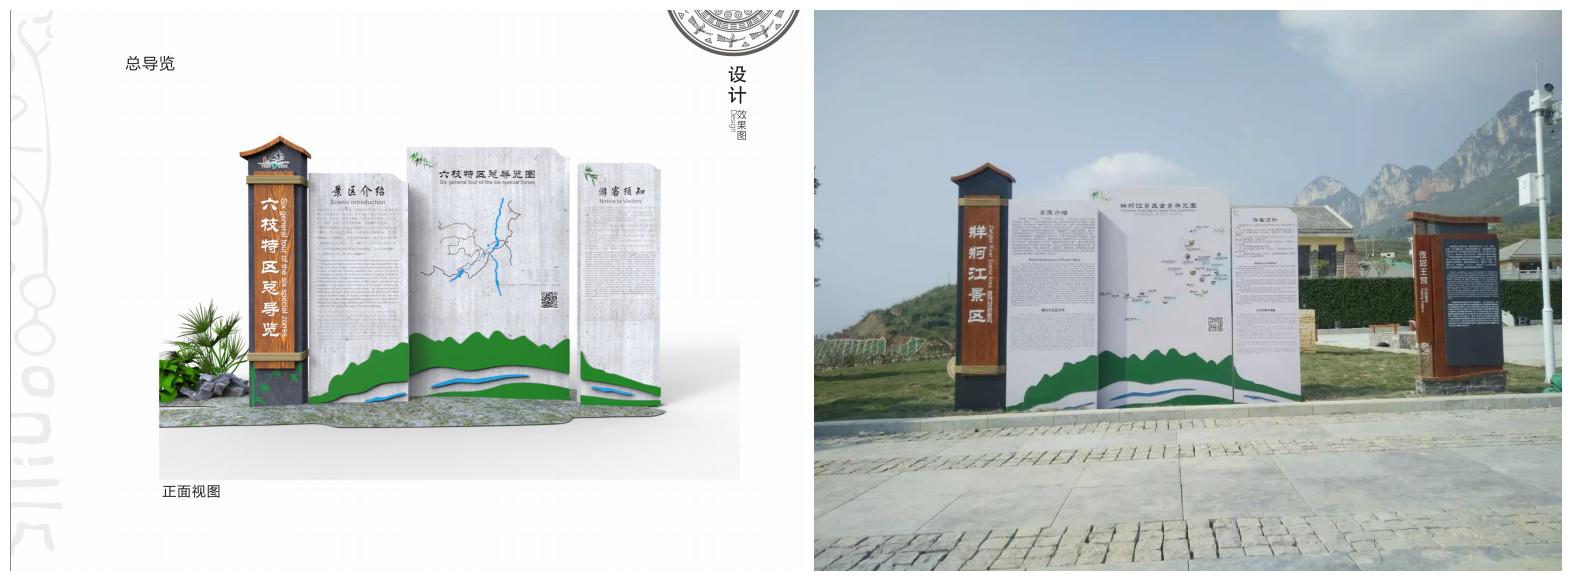 笨鸟标识助力六枝牂牁江景区导视系统完美落地